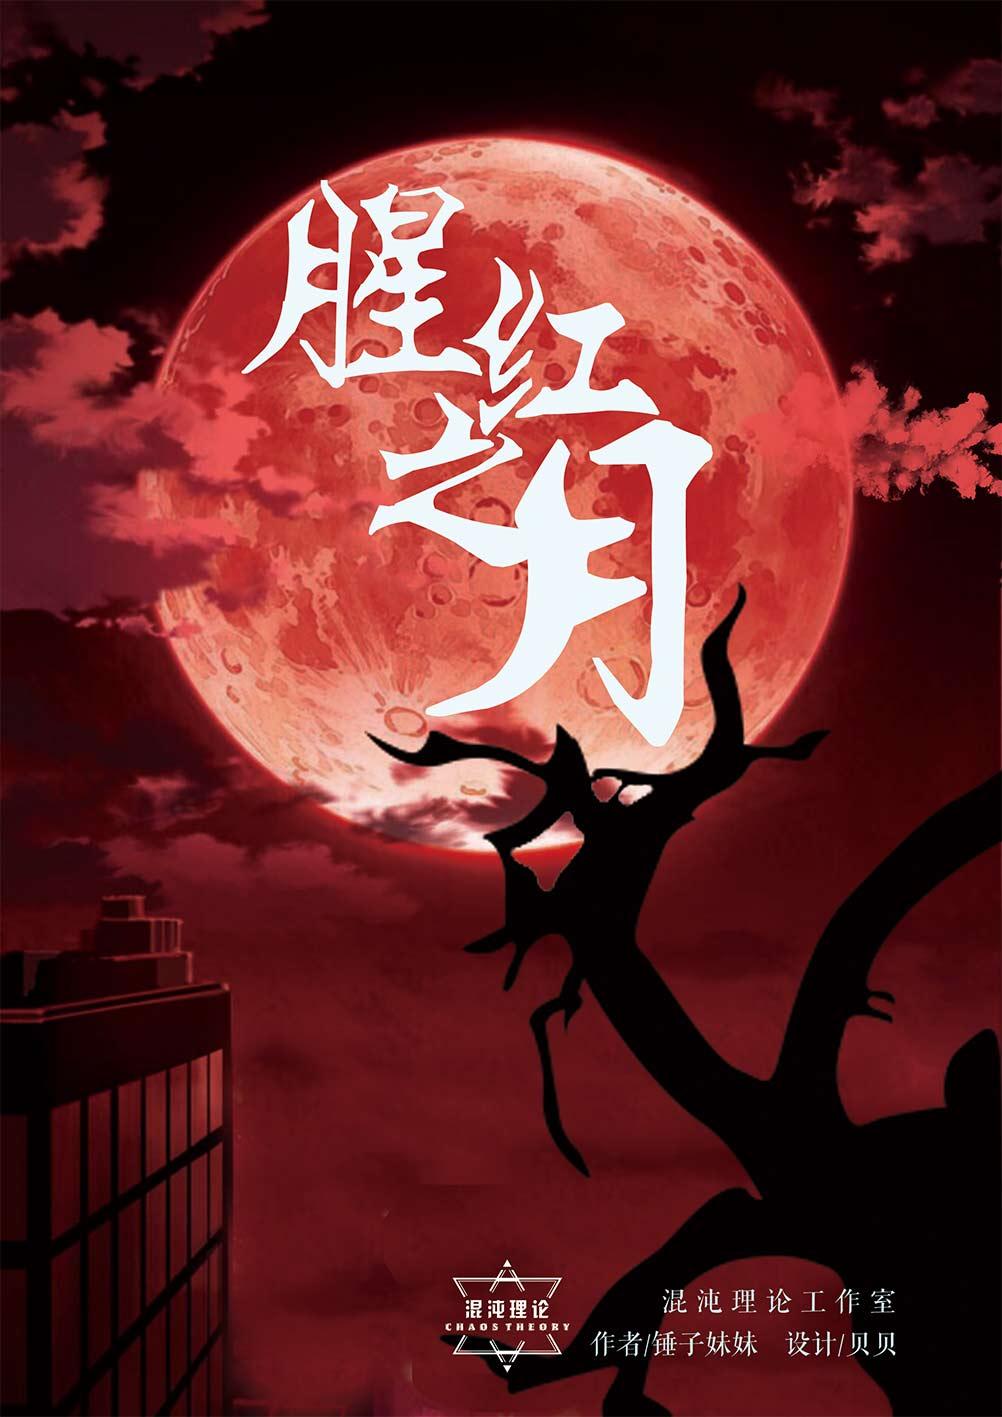 『腥红之月』剧本杀真相复盘 凶手是谁 剧透解析 密码答案 结局攻略